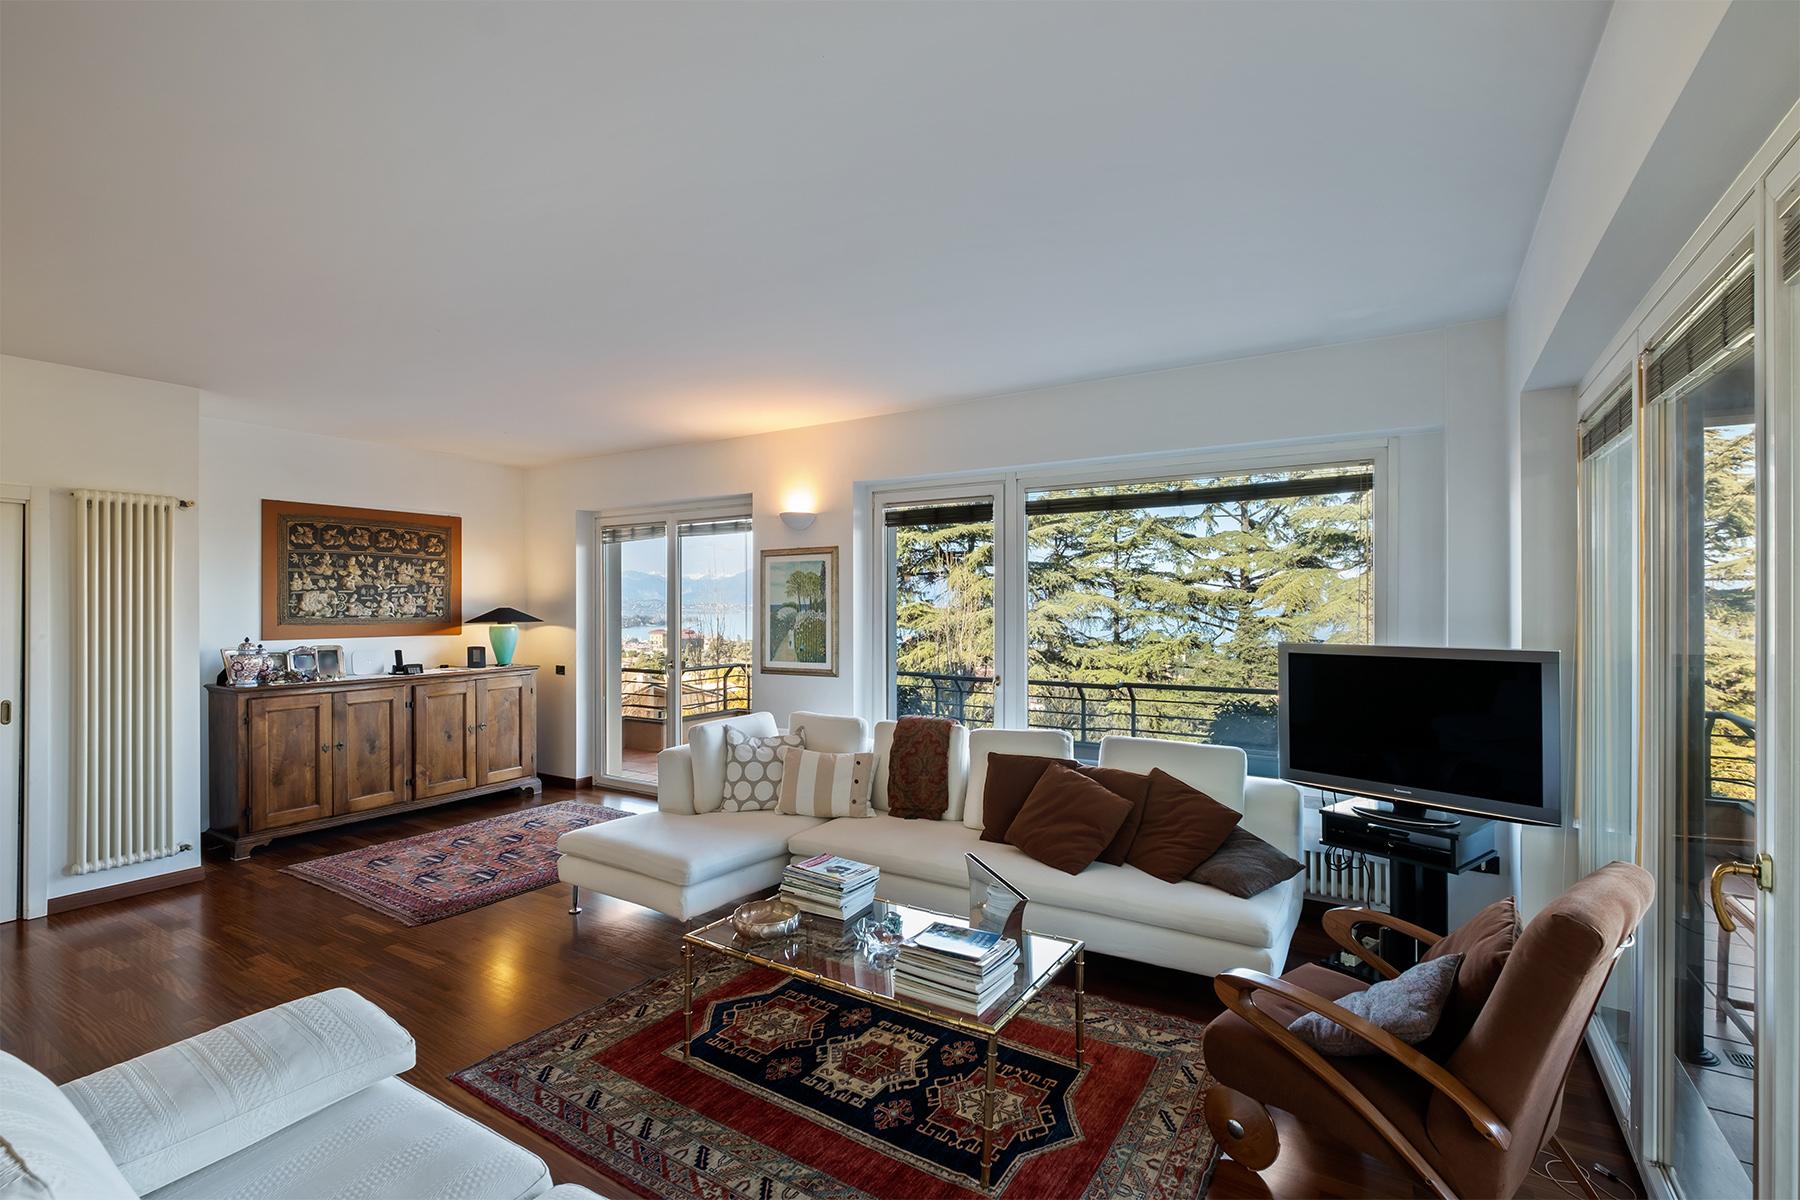 Appartamento in Vendita a Desenzano Del Garda: 5 locali, 170 mq - Foto 4